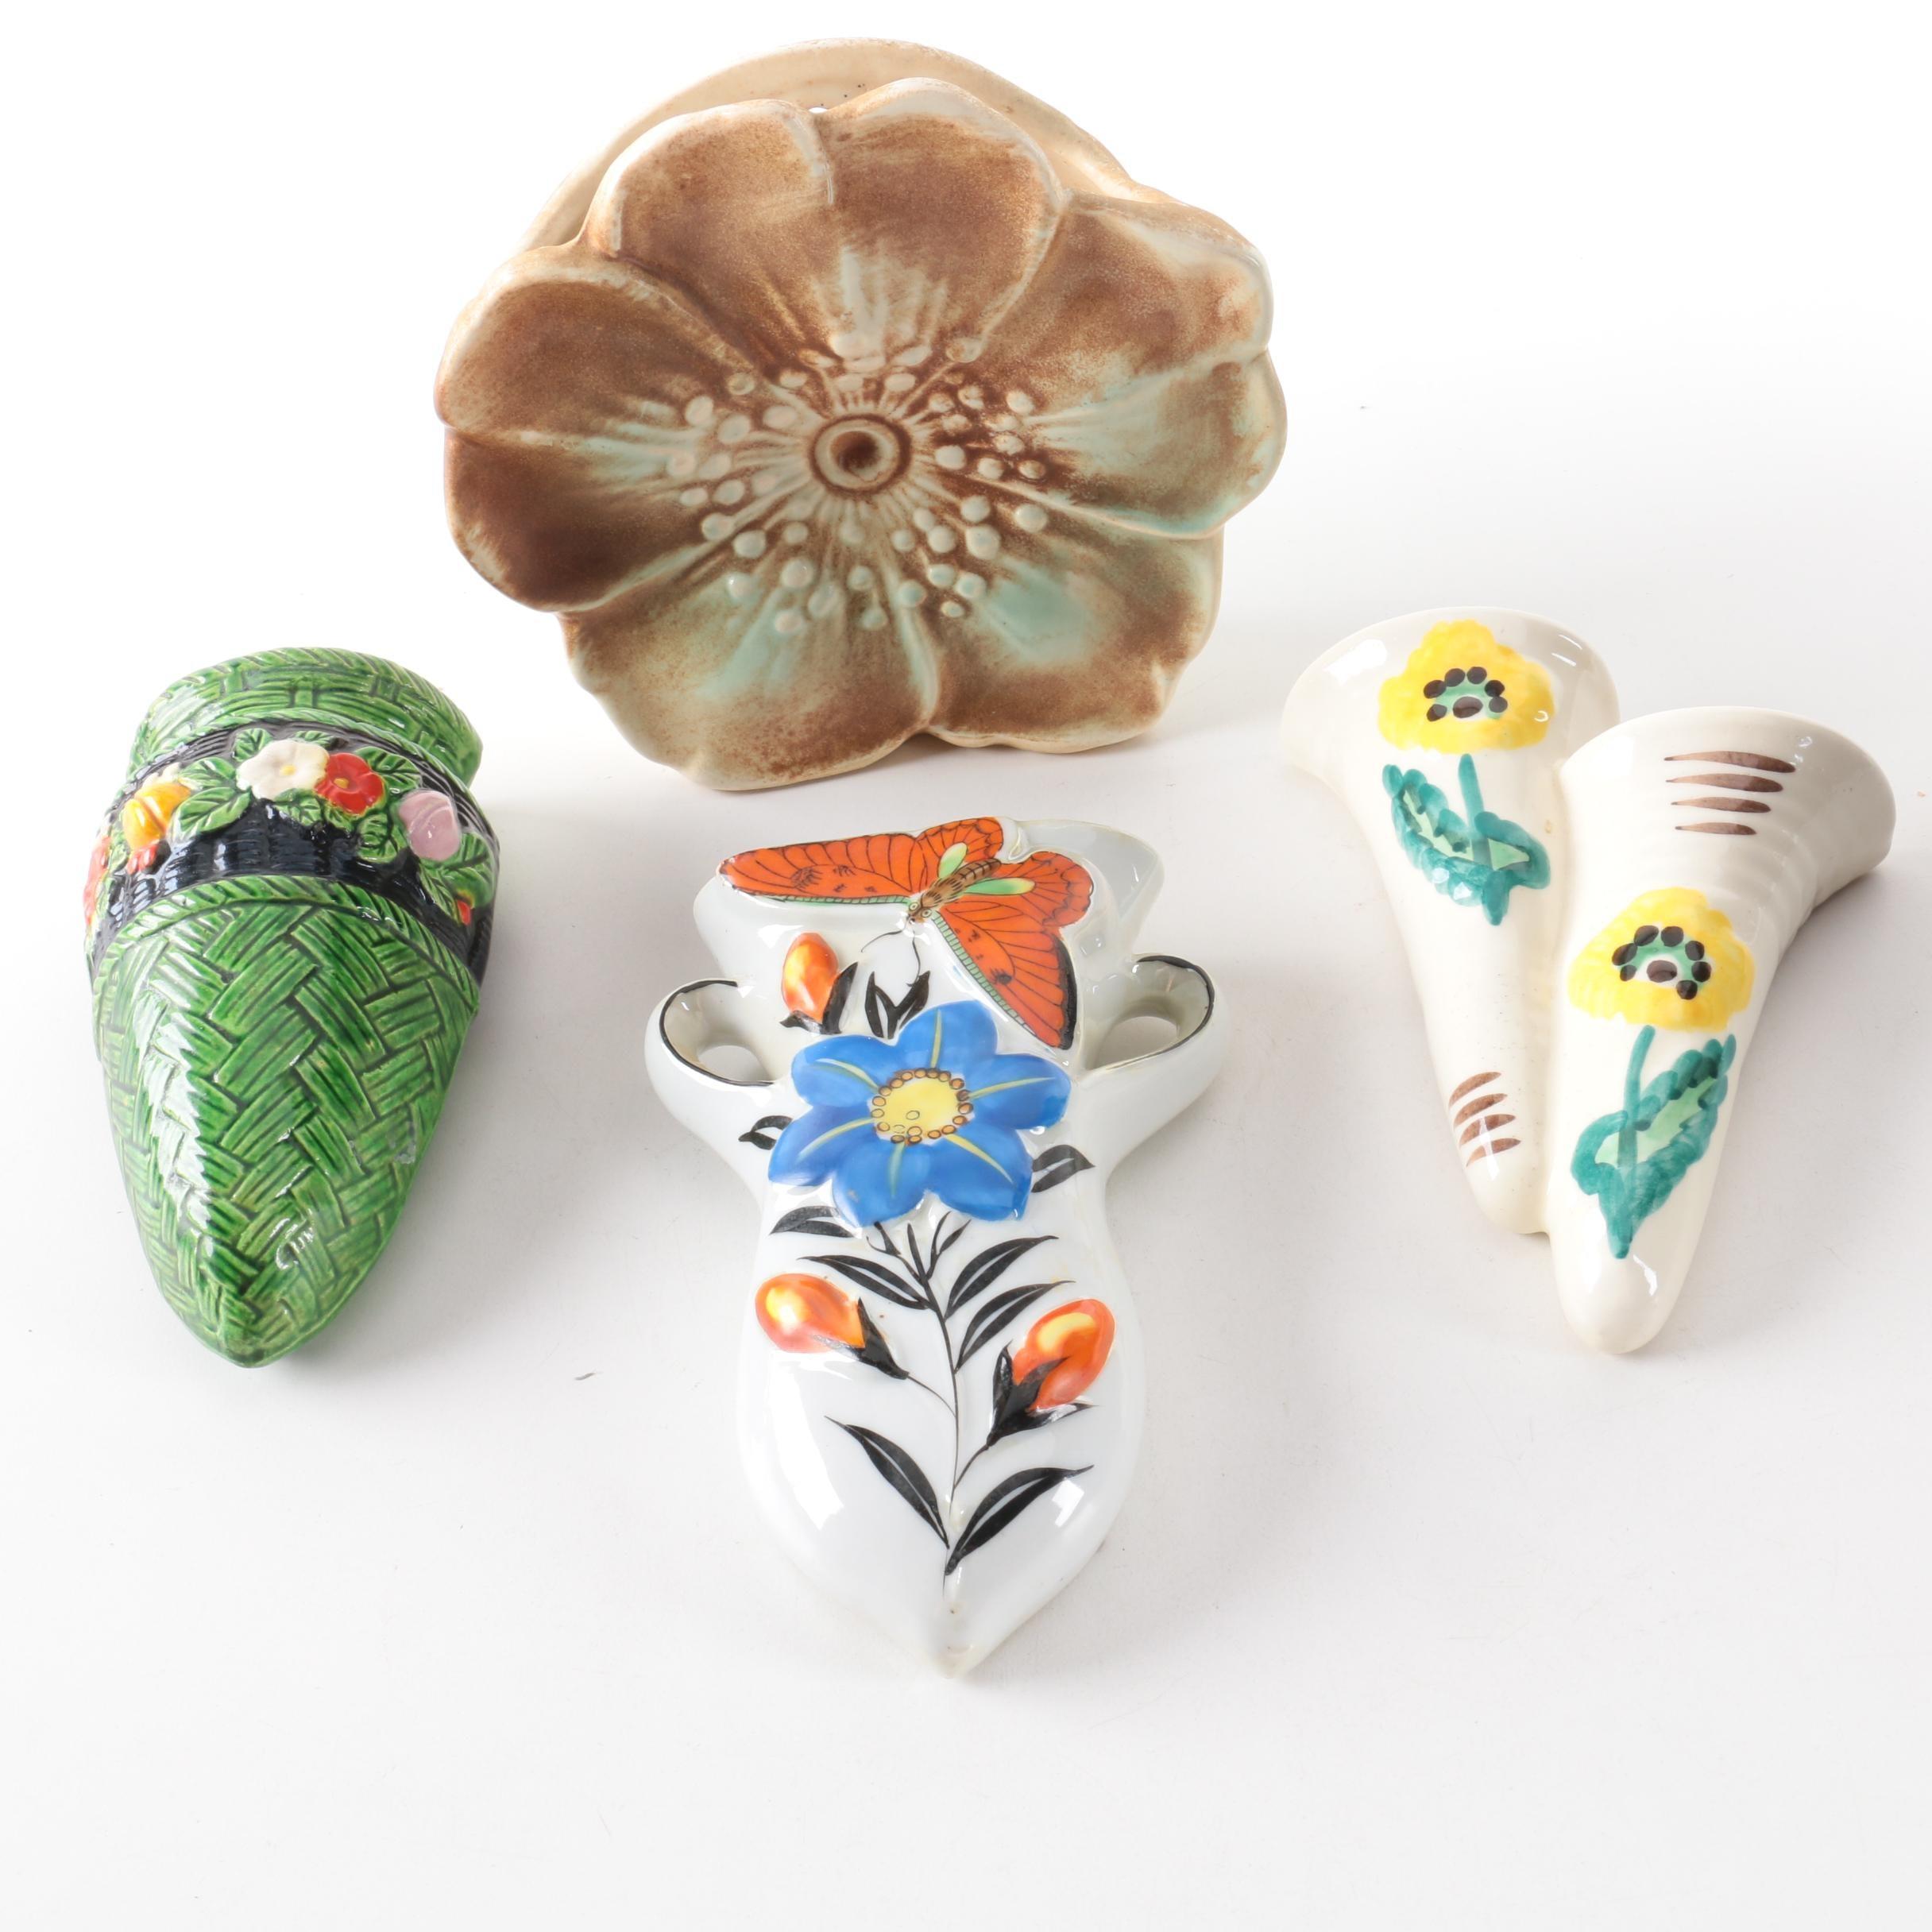 Vintage Ceramic Wall Pockets